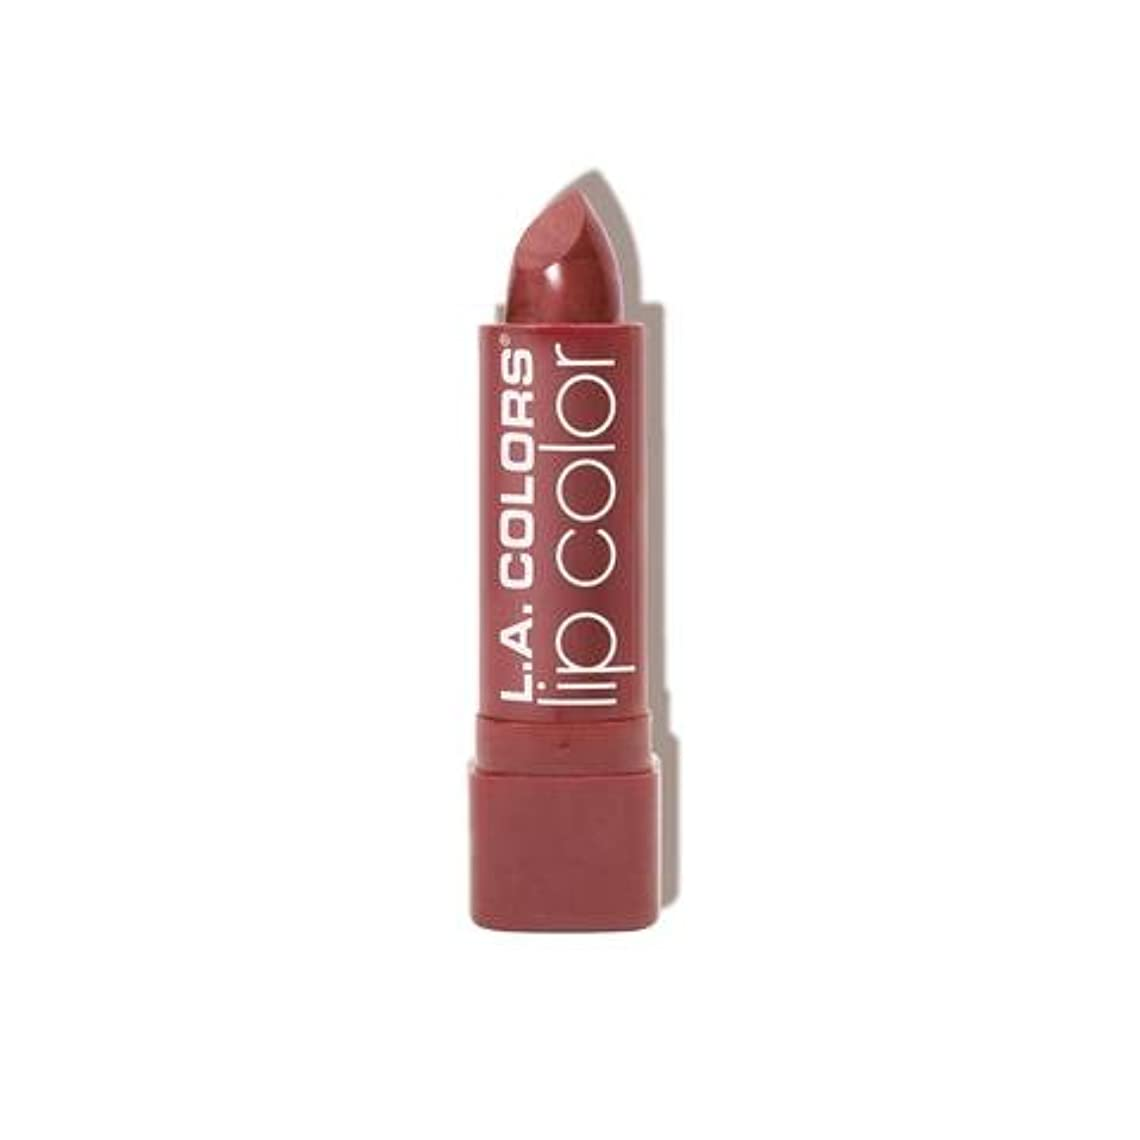 ボンドアクロバットギャロップL.A. COLORS Moisture Rich Lip Color - Petal (並行輸入品)